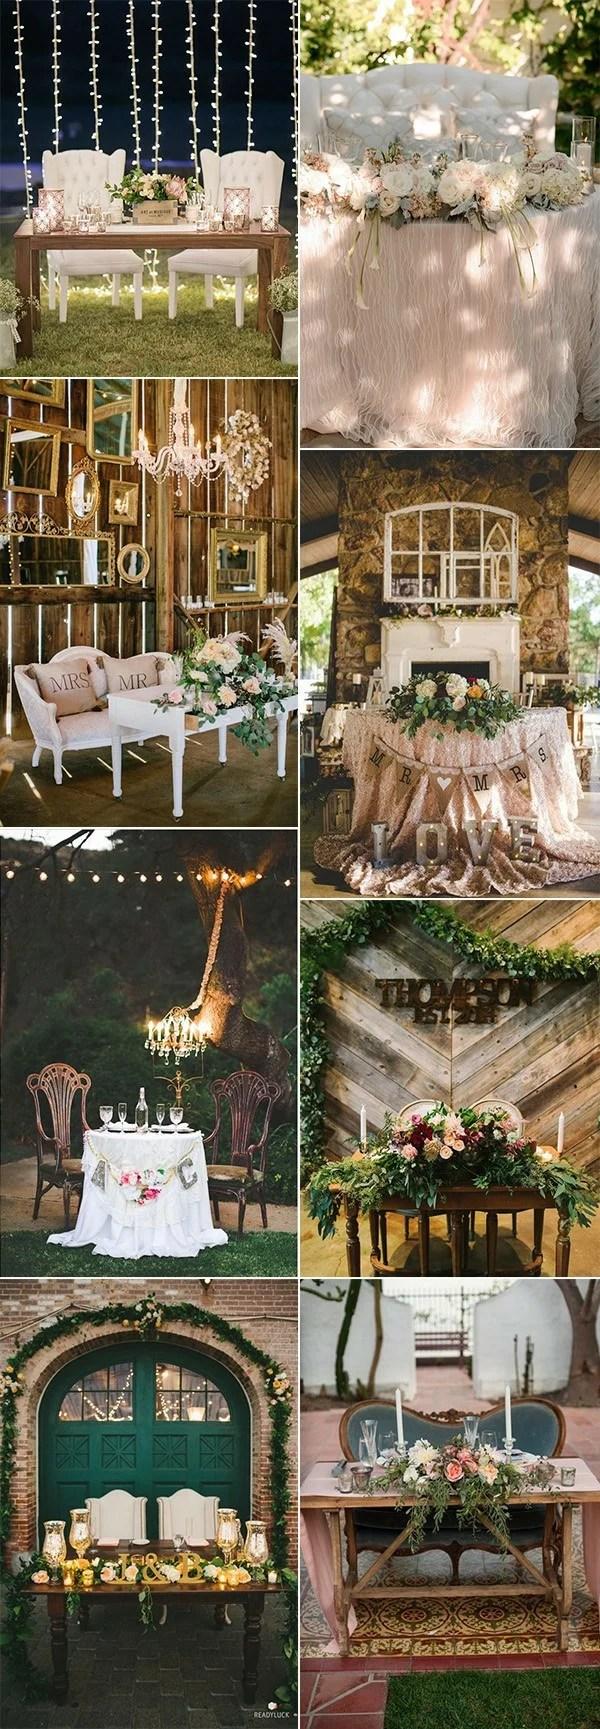 18 vintage wedding sweetheart table